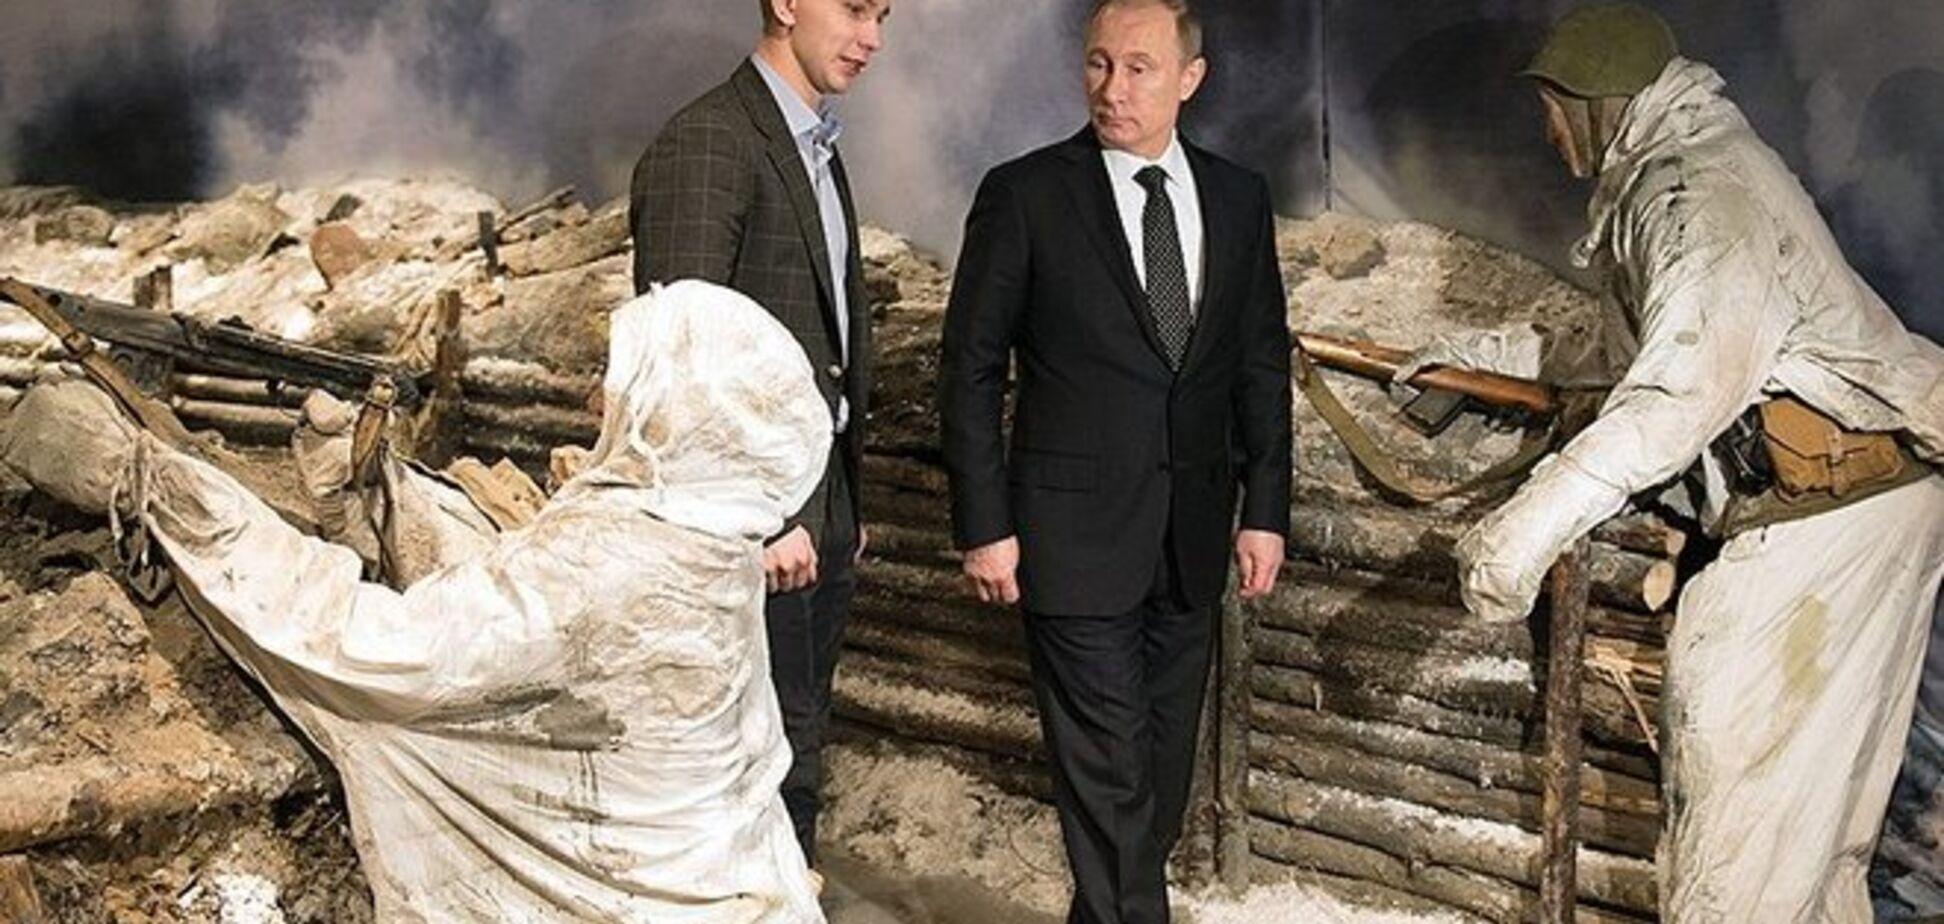 Россиянин в окопе! И там хорошо вдвоём, в этом окопе – Путину и России